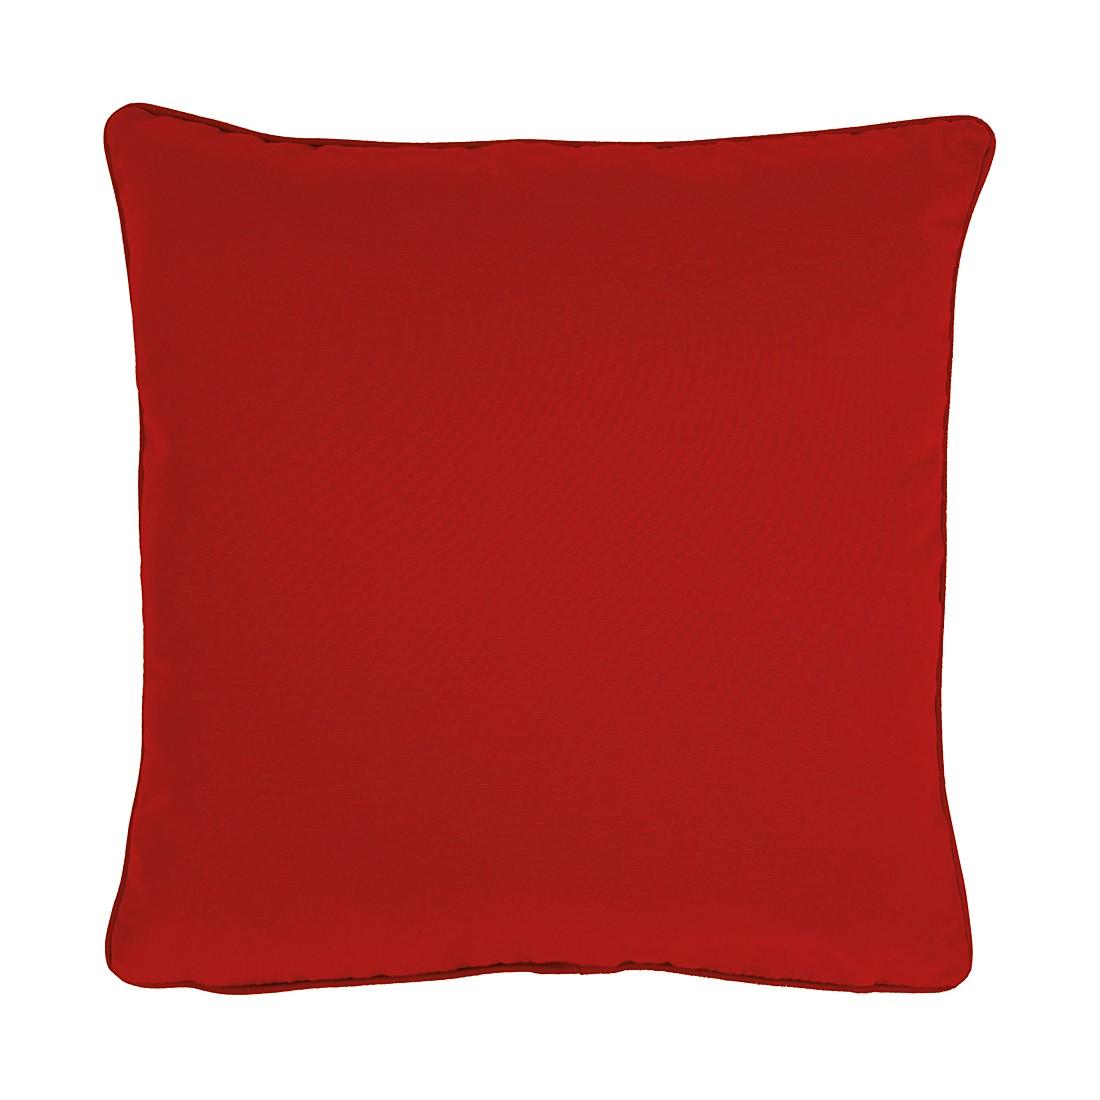 Apelt Kissenbezug Tizian Rubinrot 40x40 cm (BxH) Modern Baumwollmischgewebe